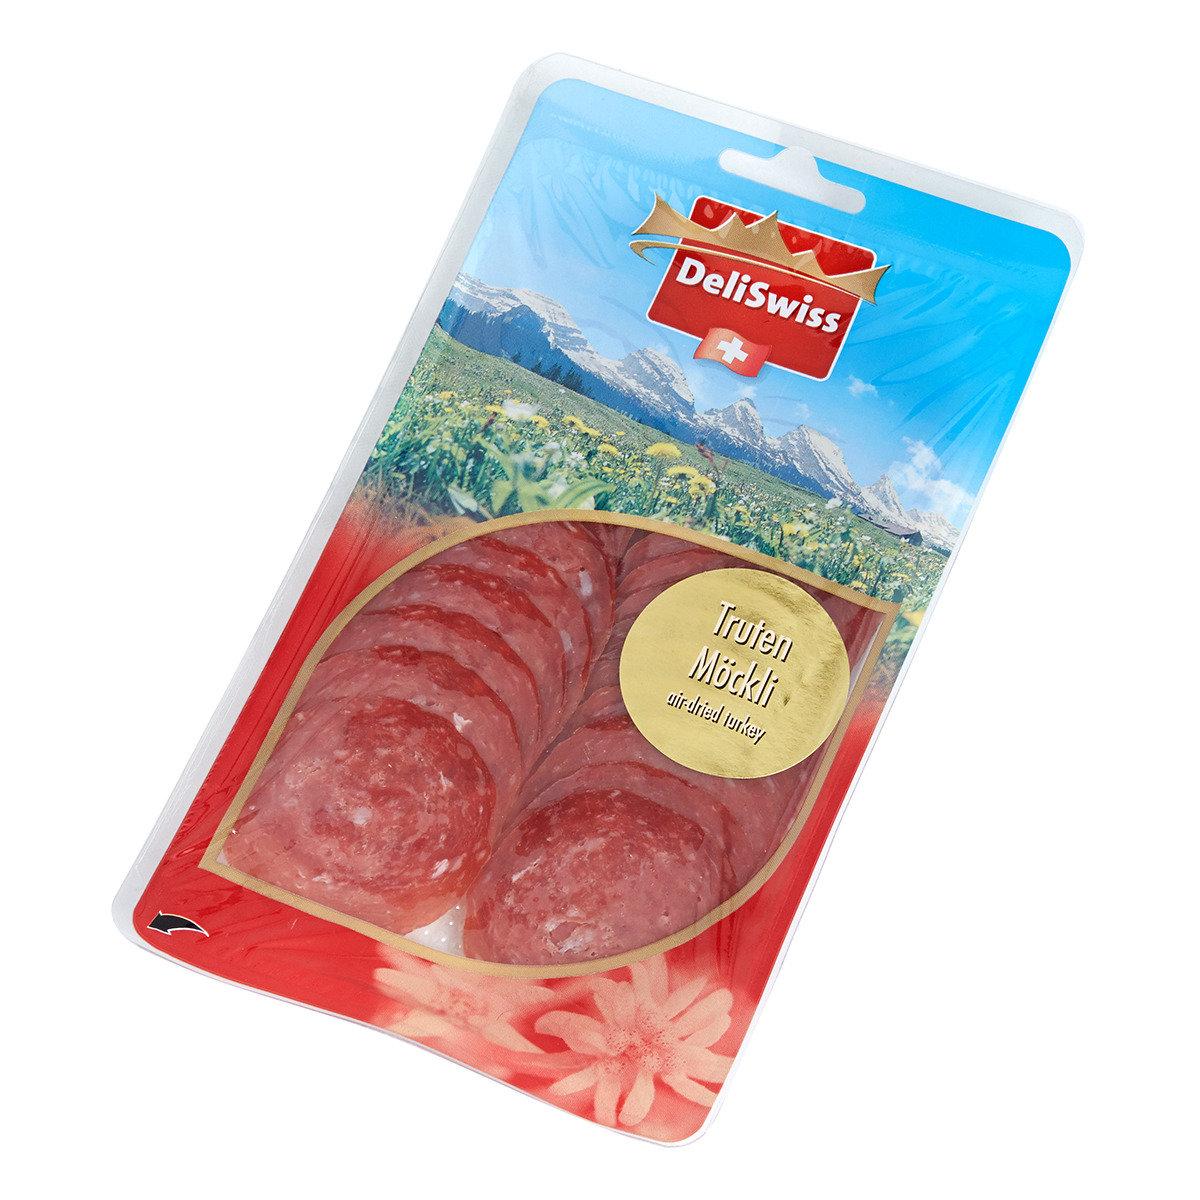 瑞士風乾火雞肉腸切片 (冷凍)